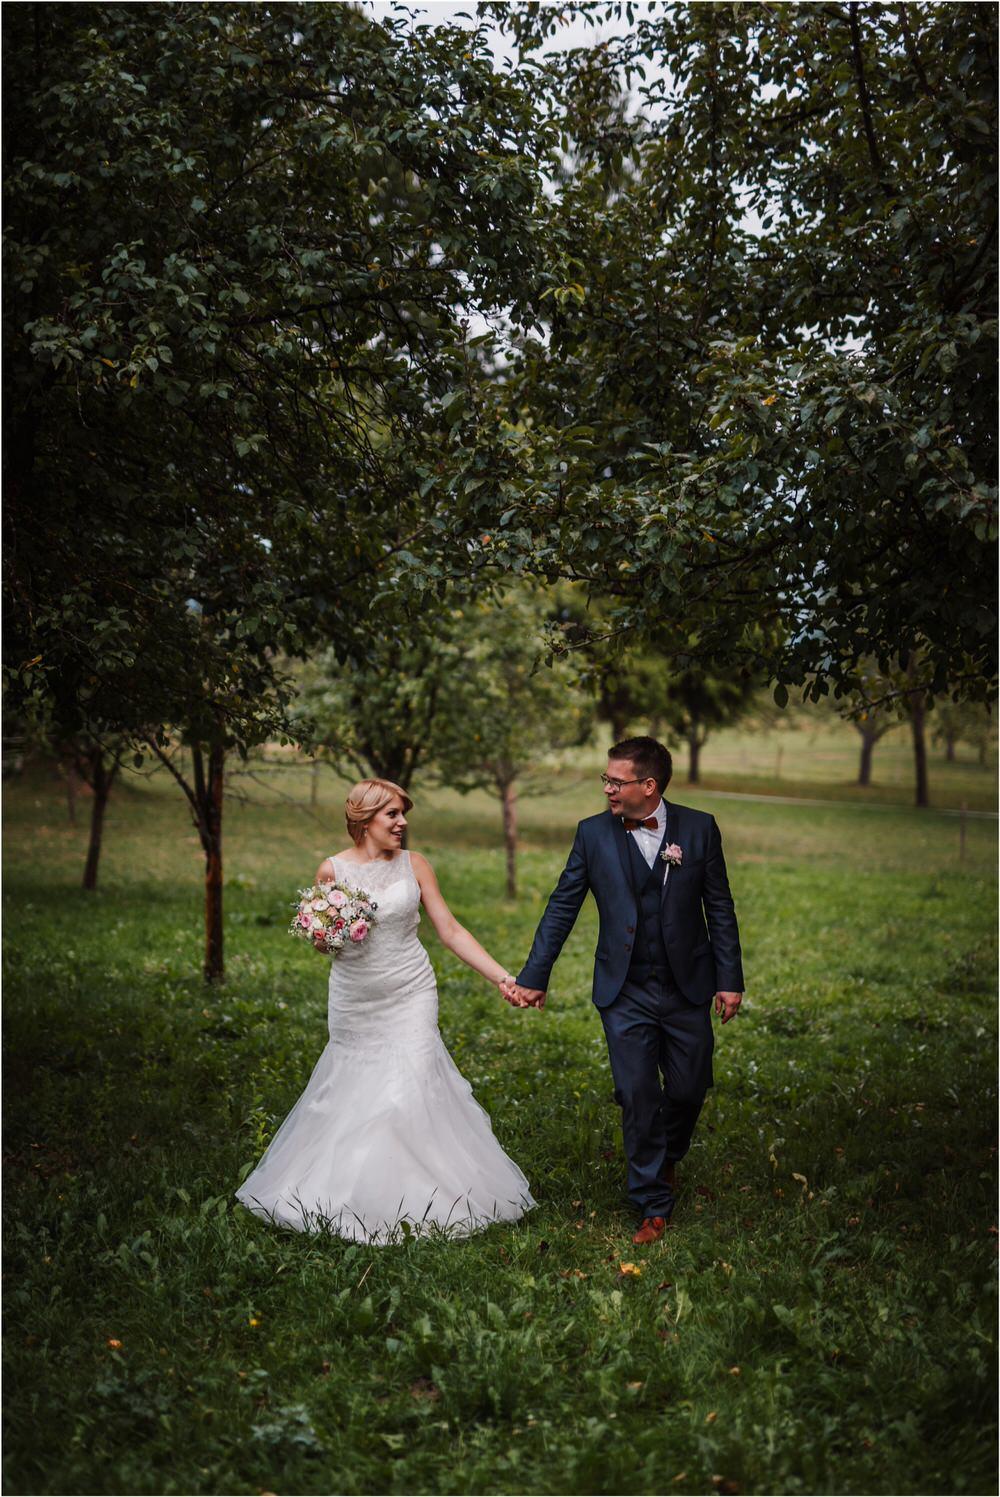 tuscany italy wedding photographer croatia austria france ireland lake bled engagement wedding porocni fotograf 0065.jpg